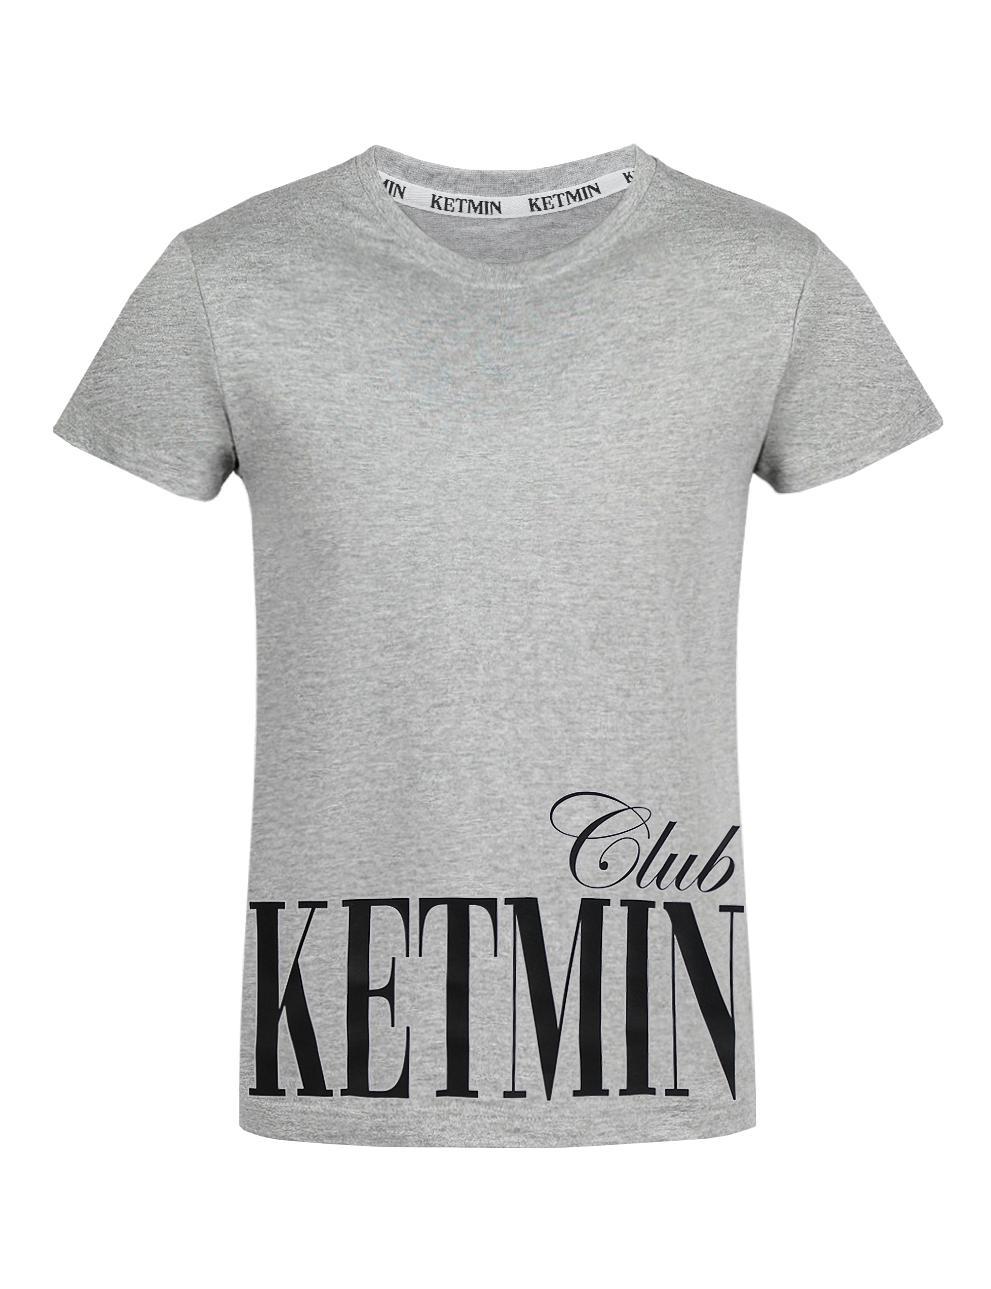 Детская футболка для девочки KETMIN CLUB цв.Серый меланж